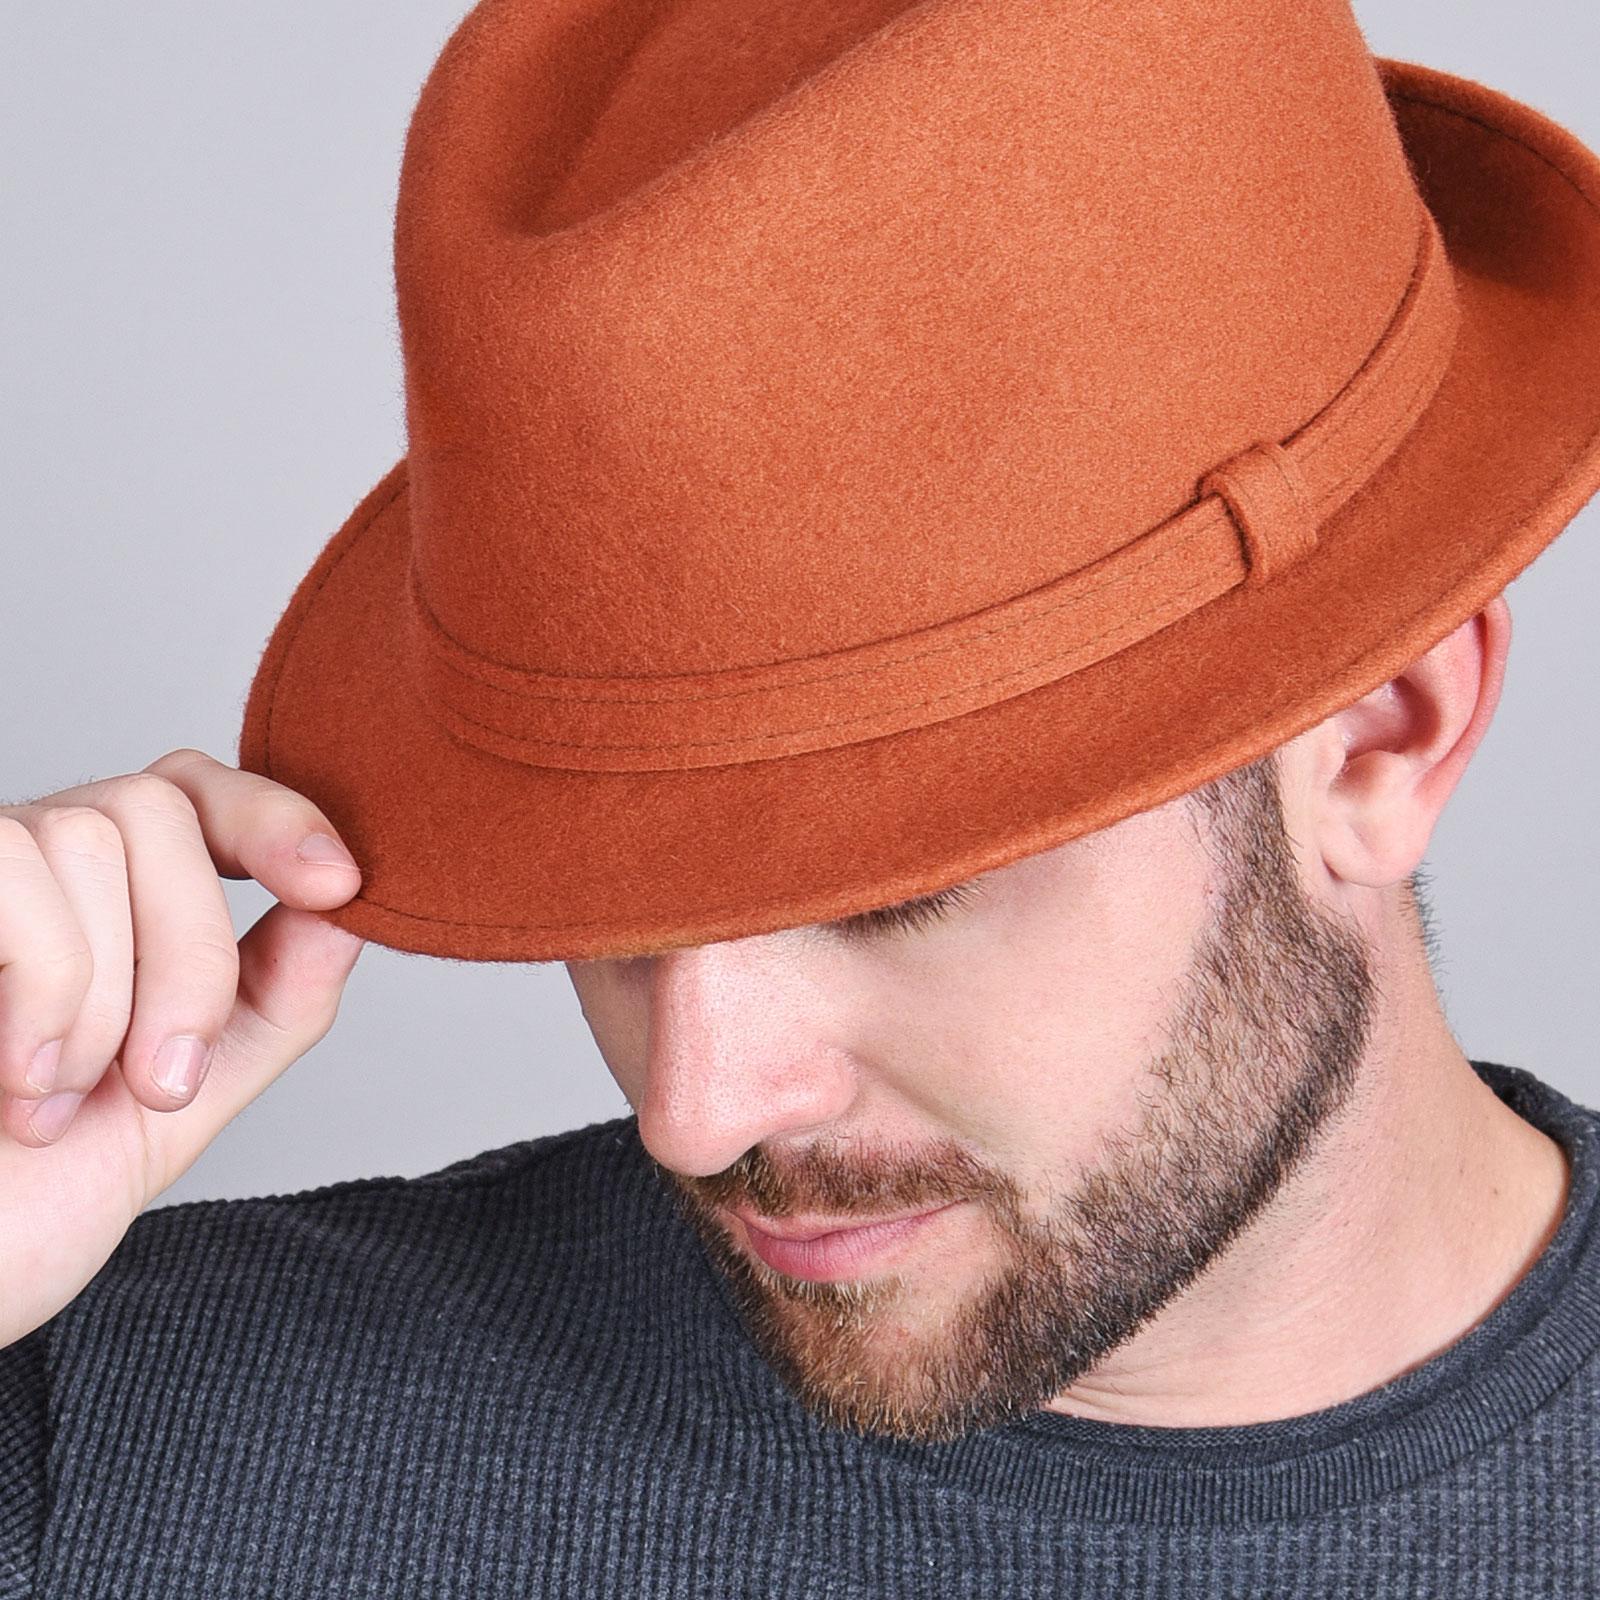 CP-01014-VH16-2-chapeau-laine-homme-orange